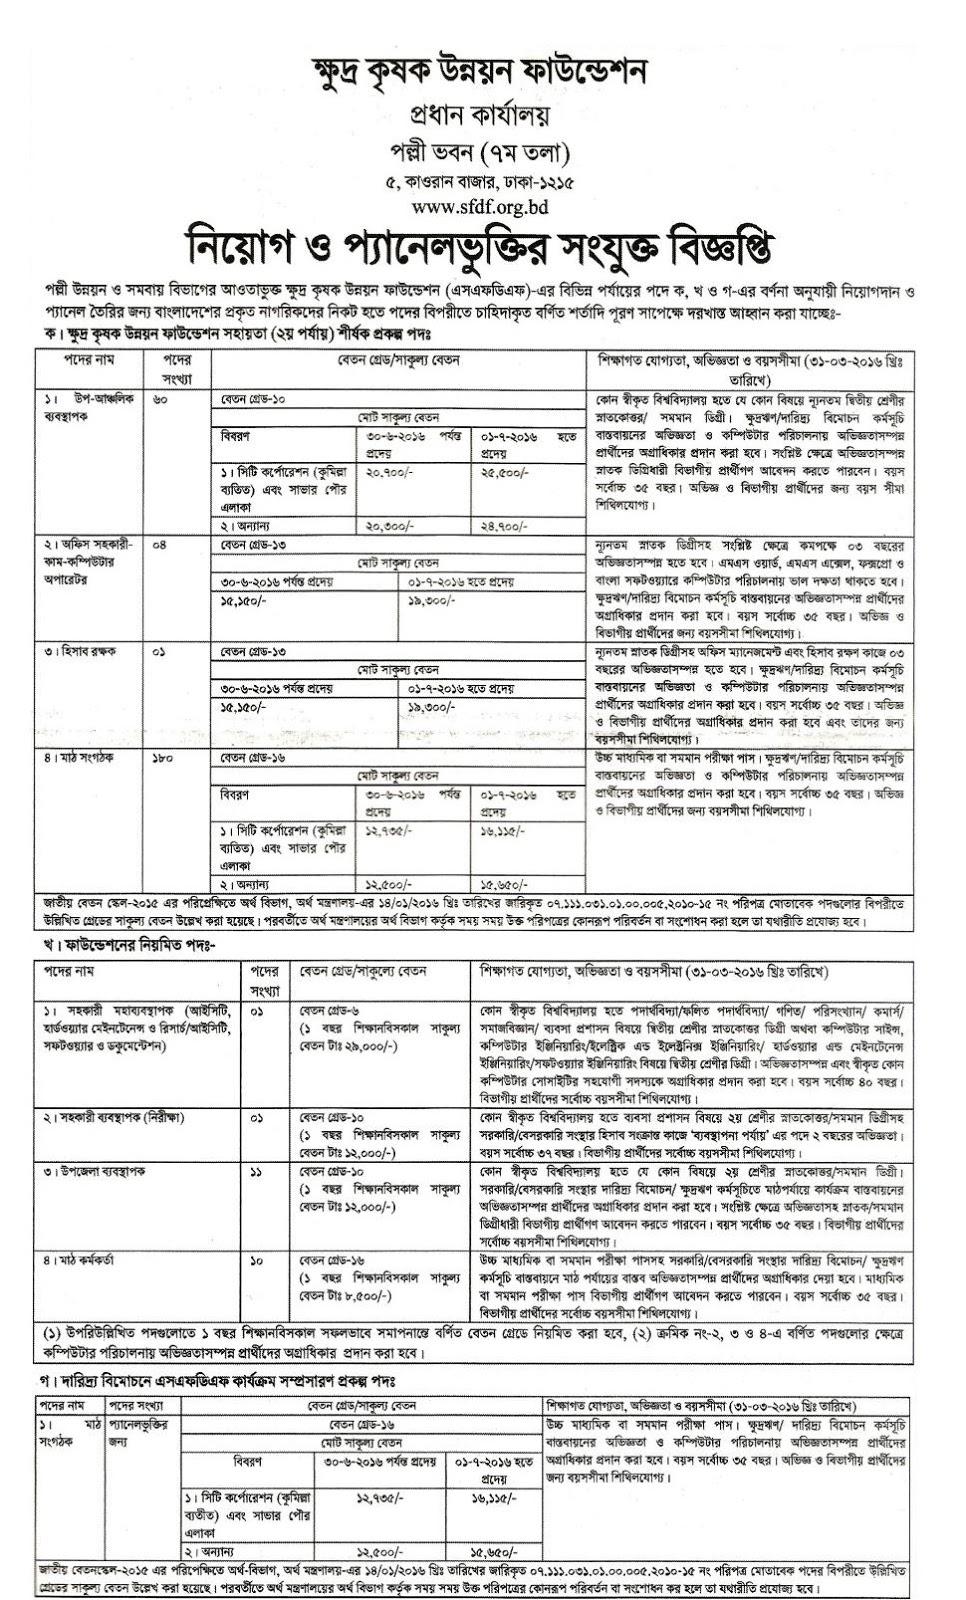 Bank draft form of sonali bank - Bank draft form of sonali bank ...